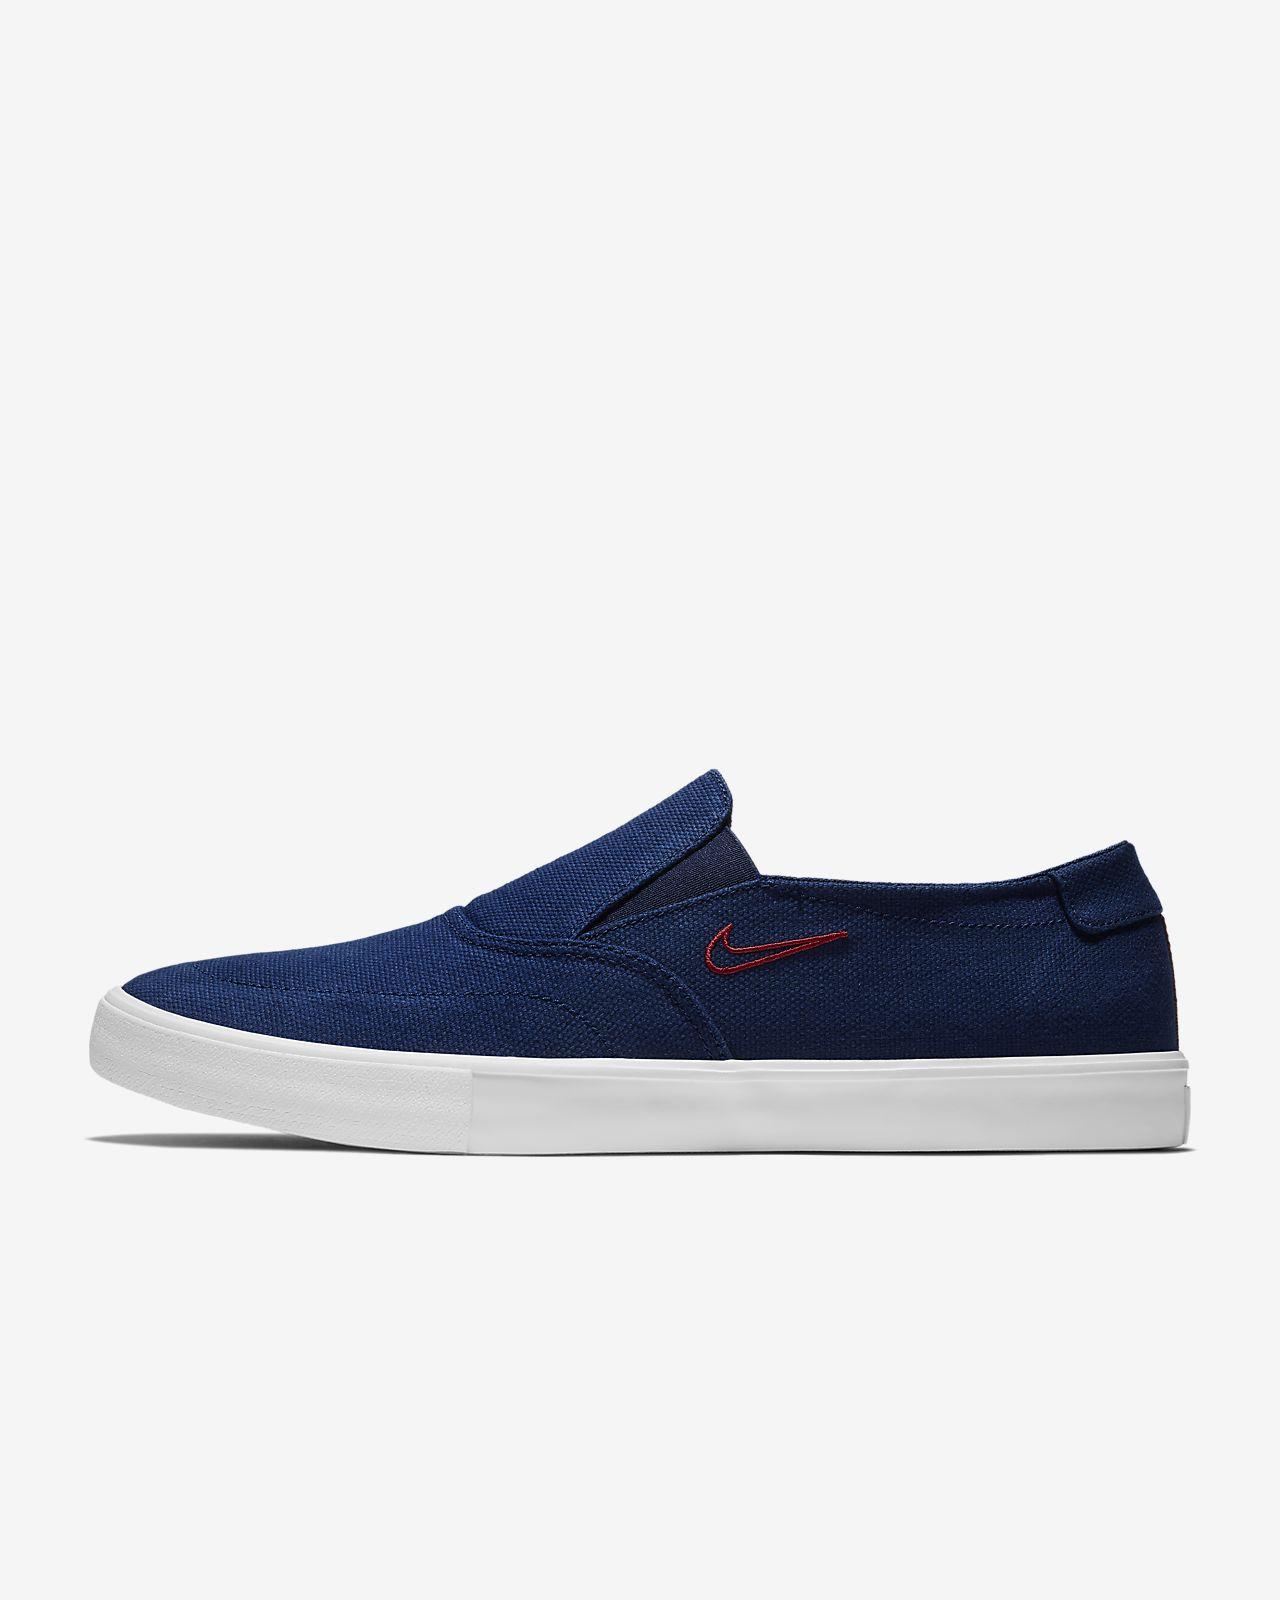 e5d9611b7db ... Pánská nazouvací skateboardová bota Nike SB Portmore II Solarsoft. Low  Resolution undefined